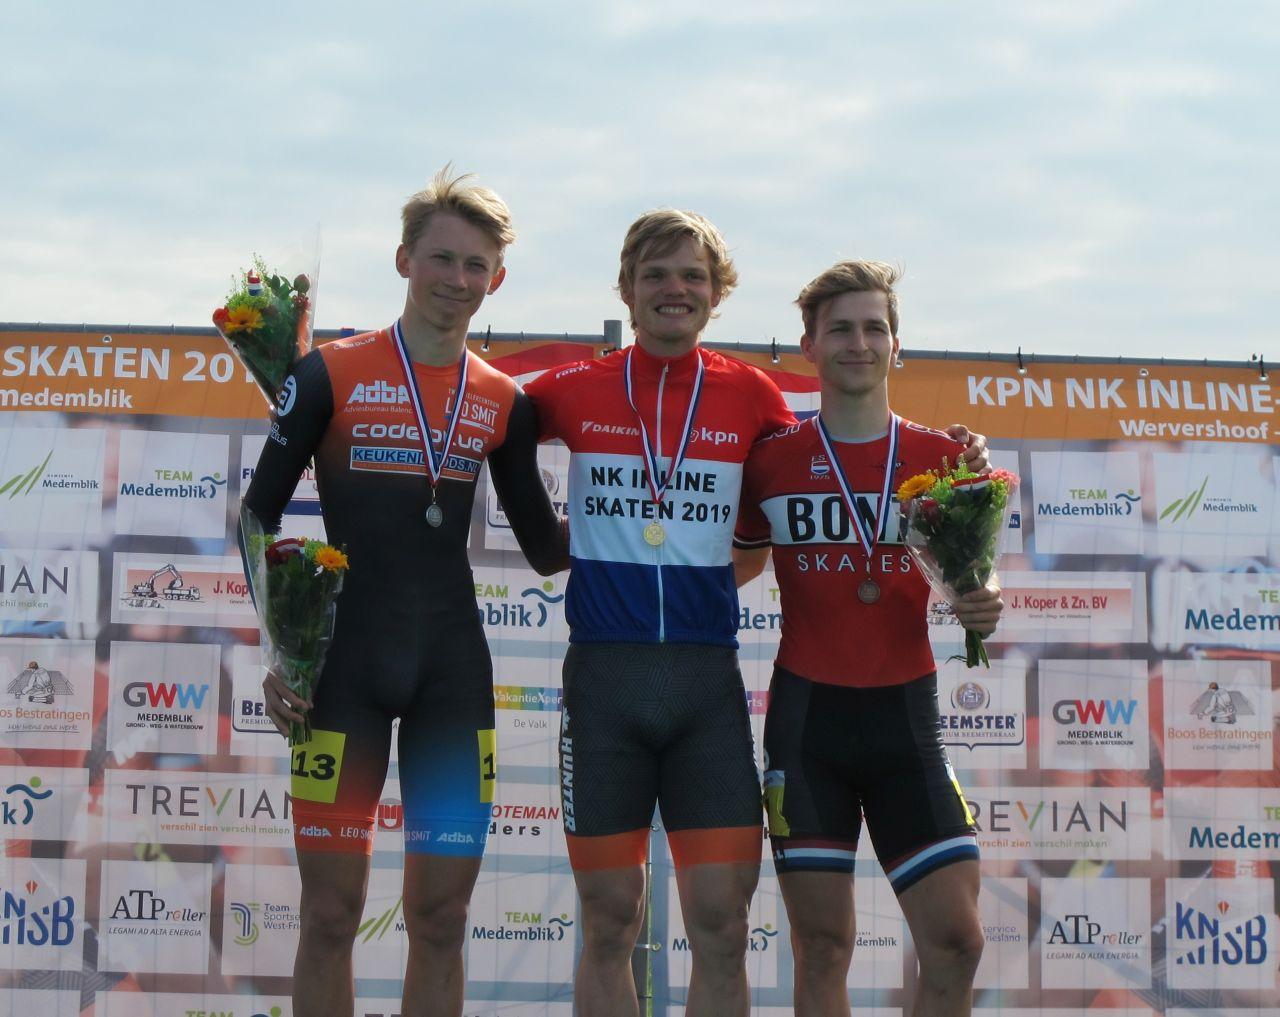 Nederlands kampioen Rick Schipper geflankeerd door de nummer 2 Merijn Scheperkamp en Luc ter Haar (Foto: Skeelernieuws.nl)